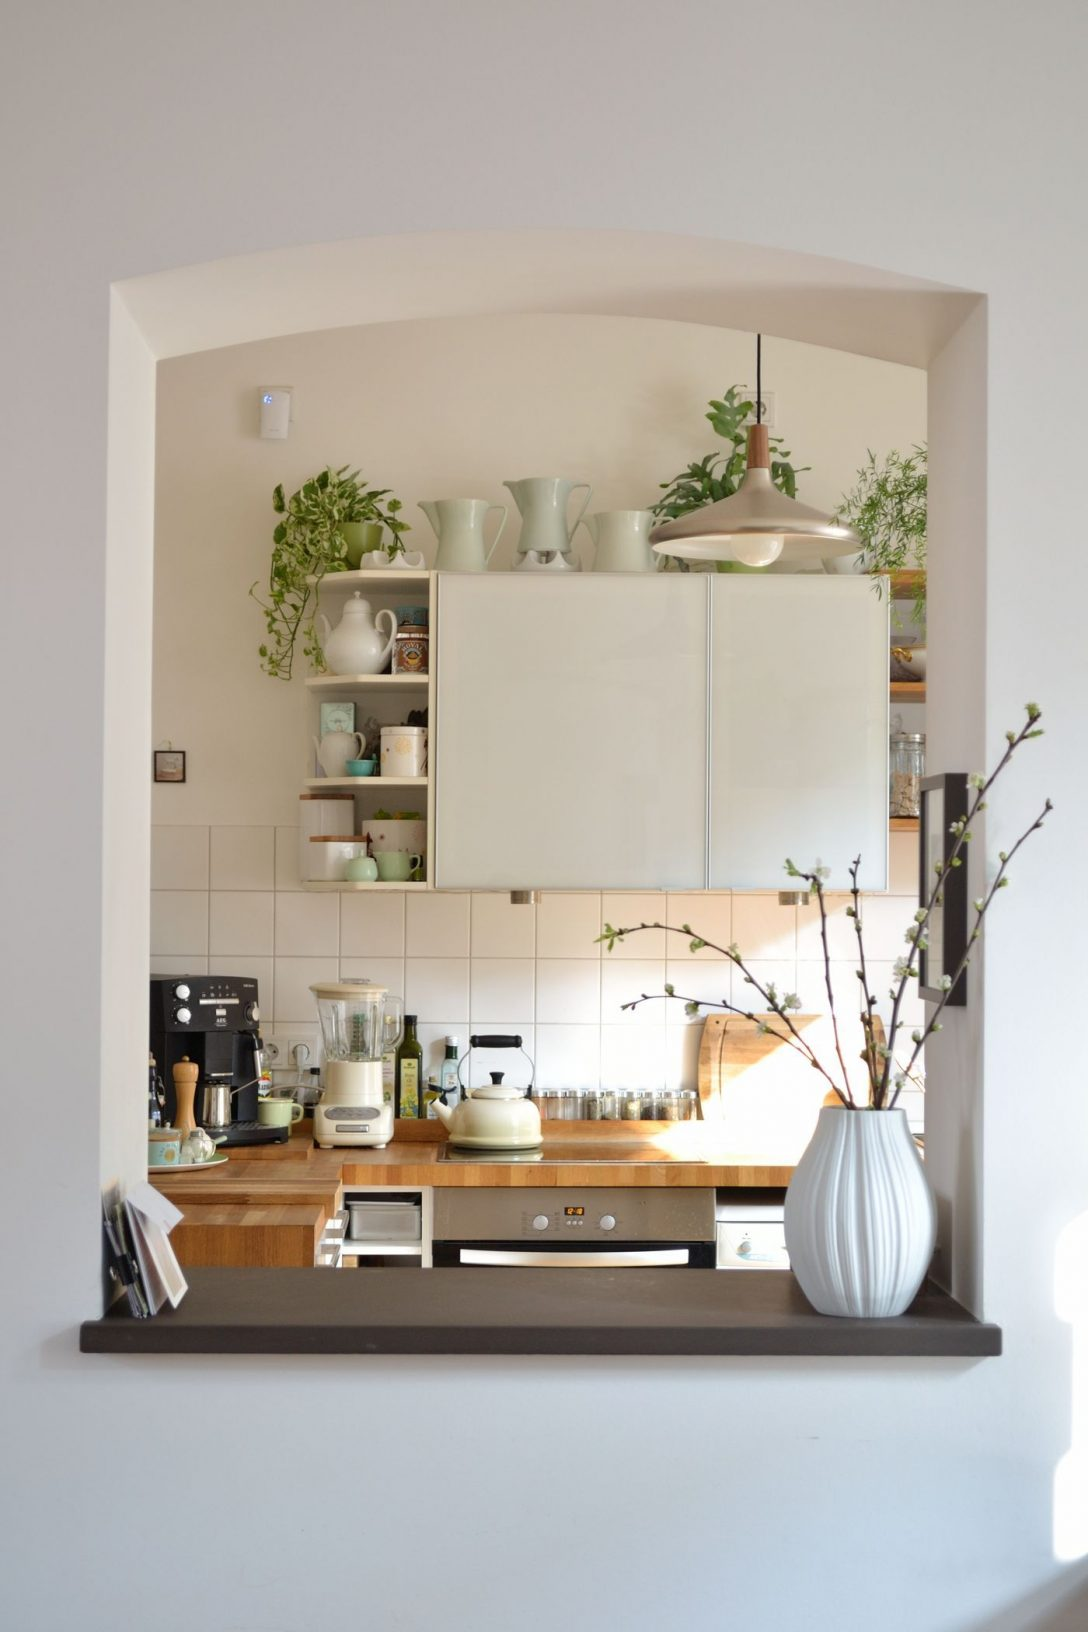 Large Size of Küchenschrank Ikea Betten 160x200 Küche Kosten Miniküche Kaufen Bei Sofa Mit Schlaffunktion Modulküche Wohnzimmer Küchenschrank Ikea